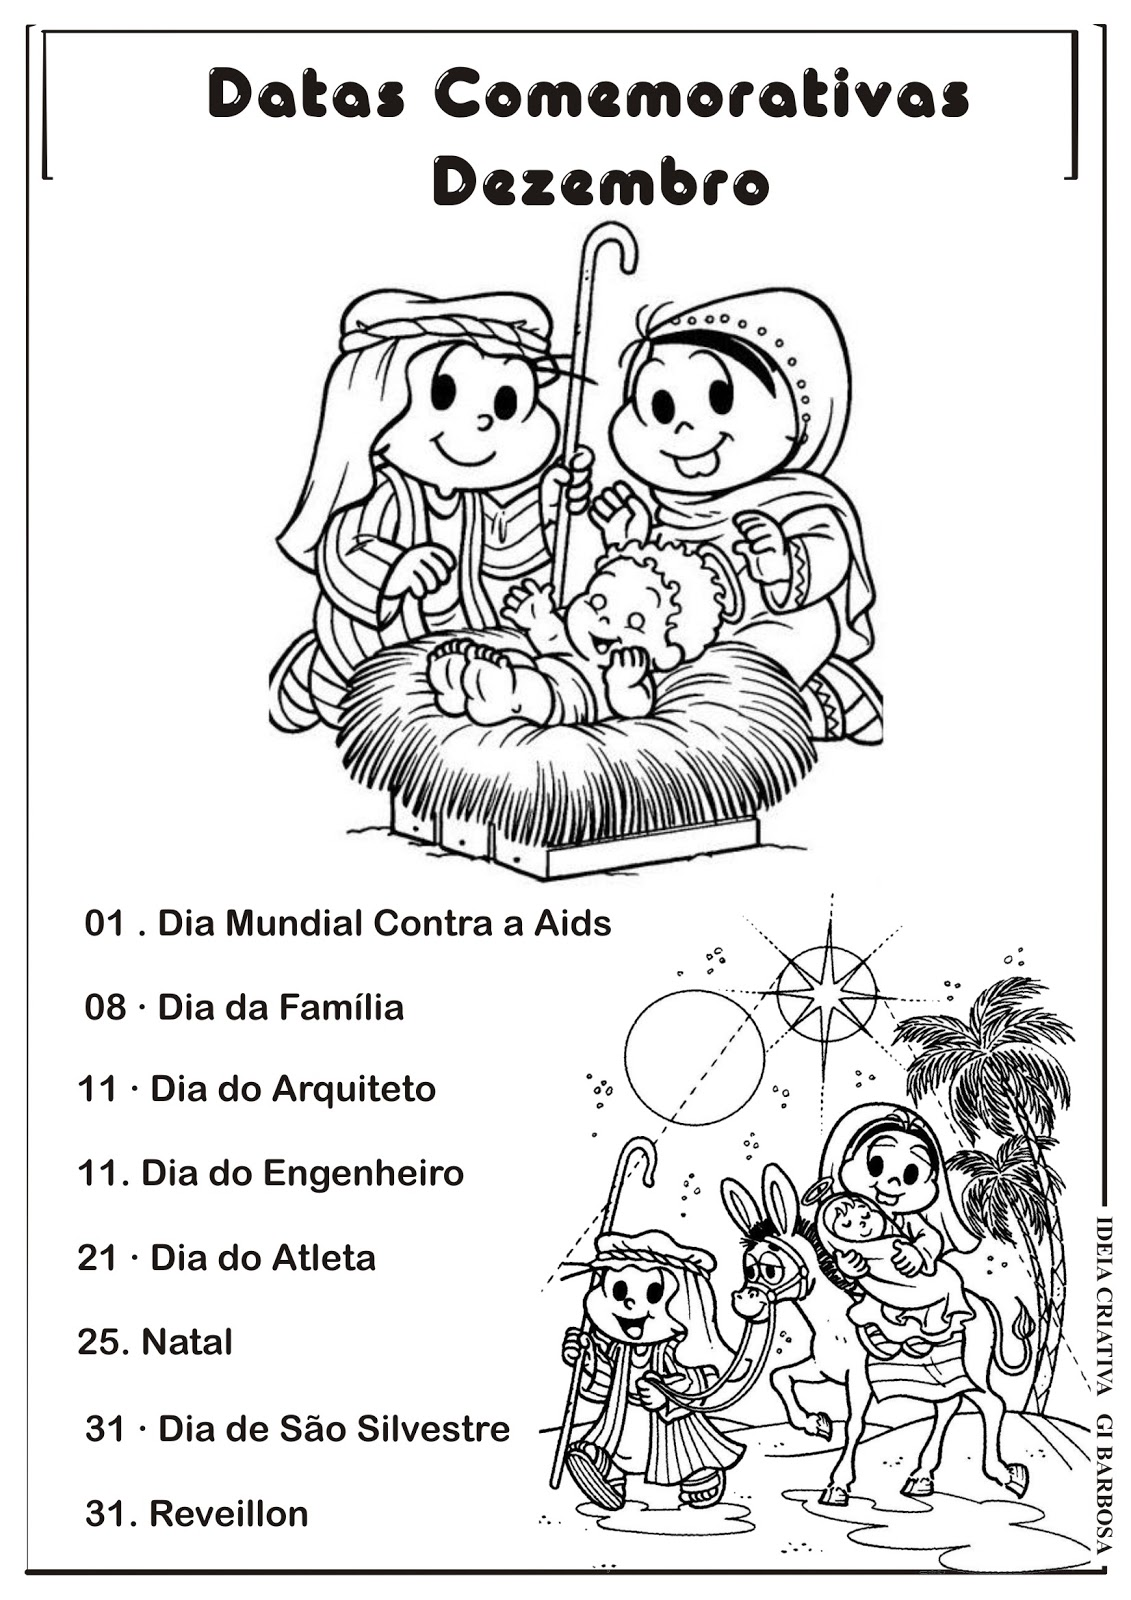 Conhecido Datas Comemorativas Dezembro | Ideia Criativa - Gi Barbosa  IV51